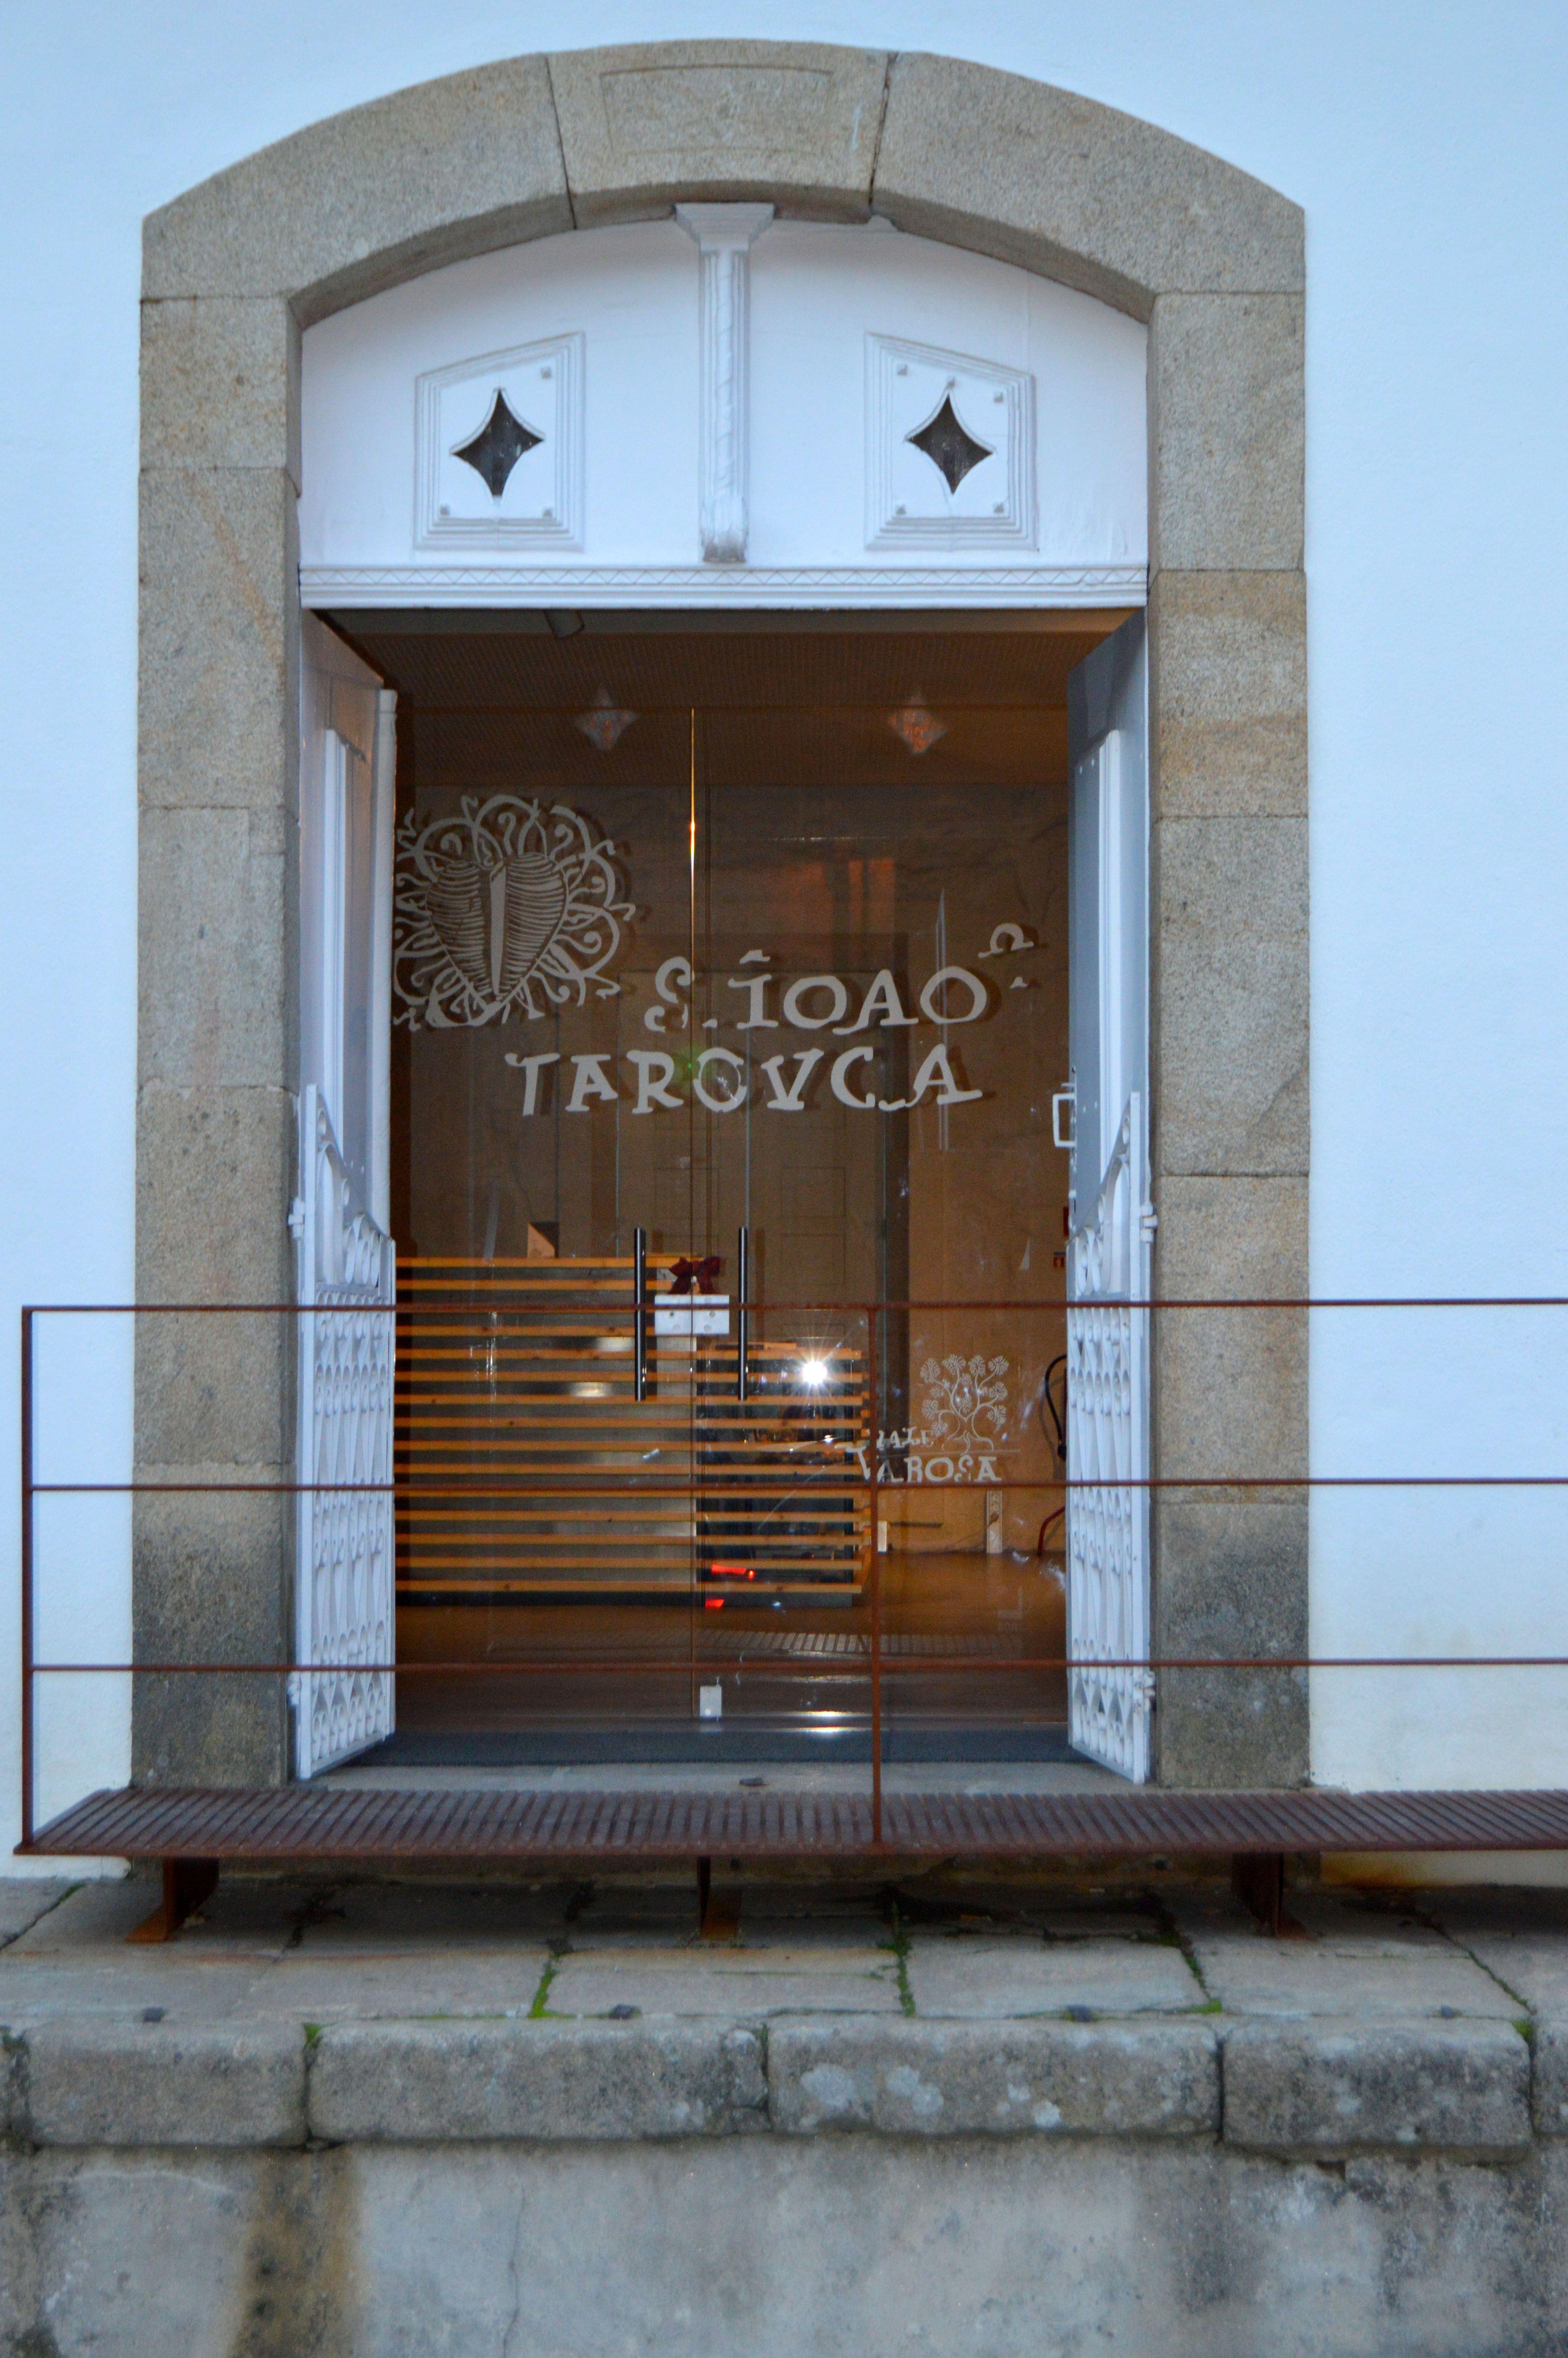 Centro Interpretativo do Mosteiro de S. João de Tarouca